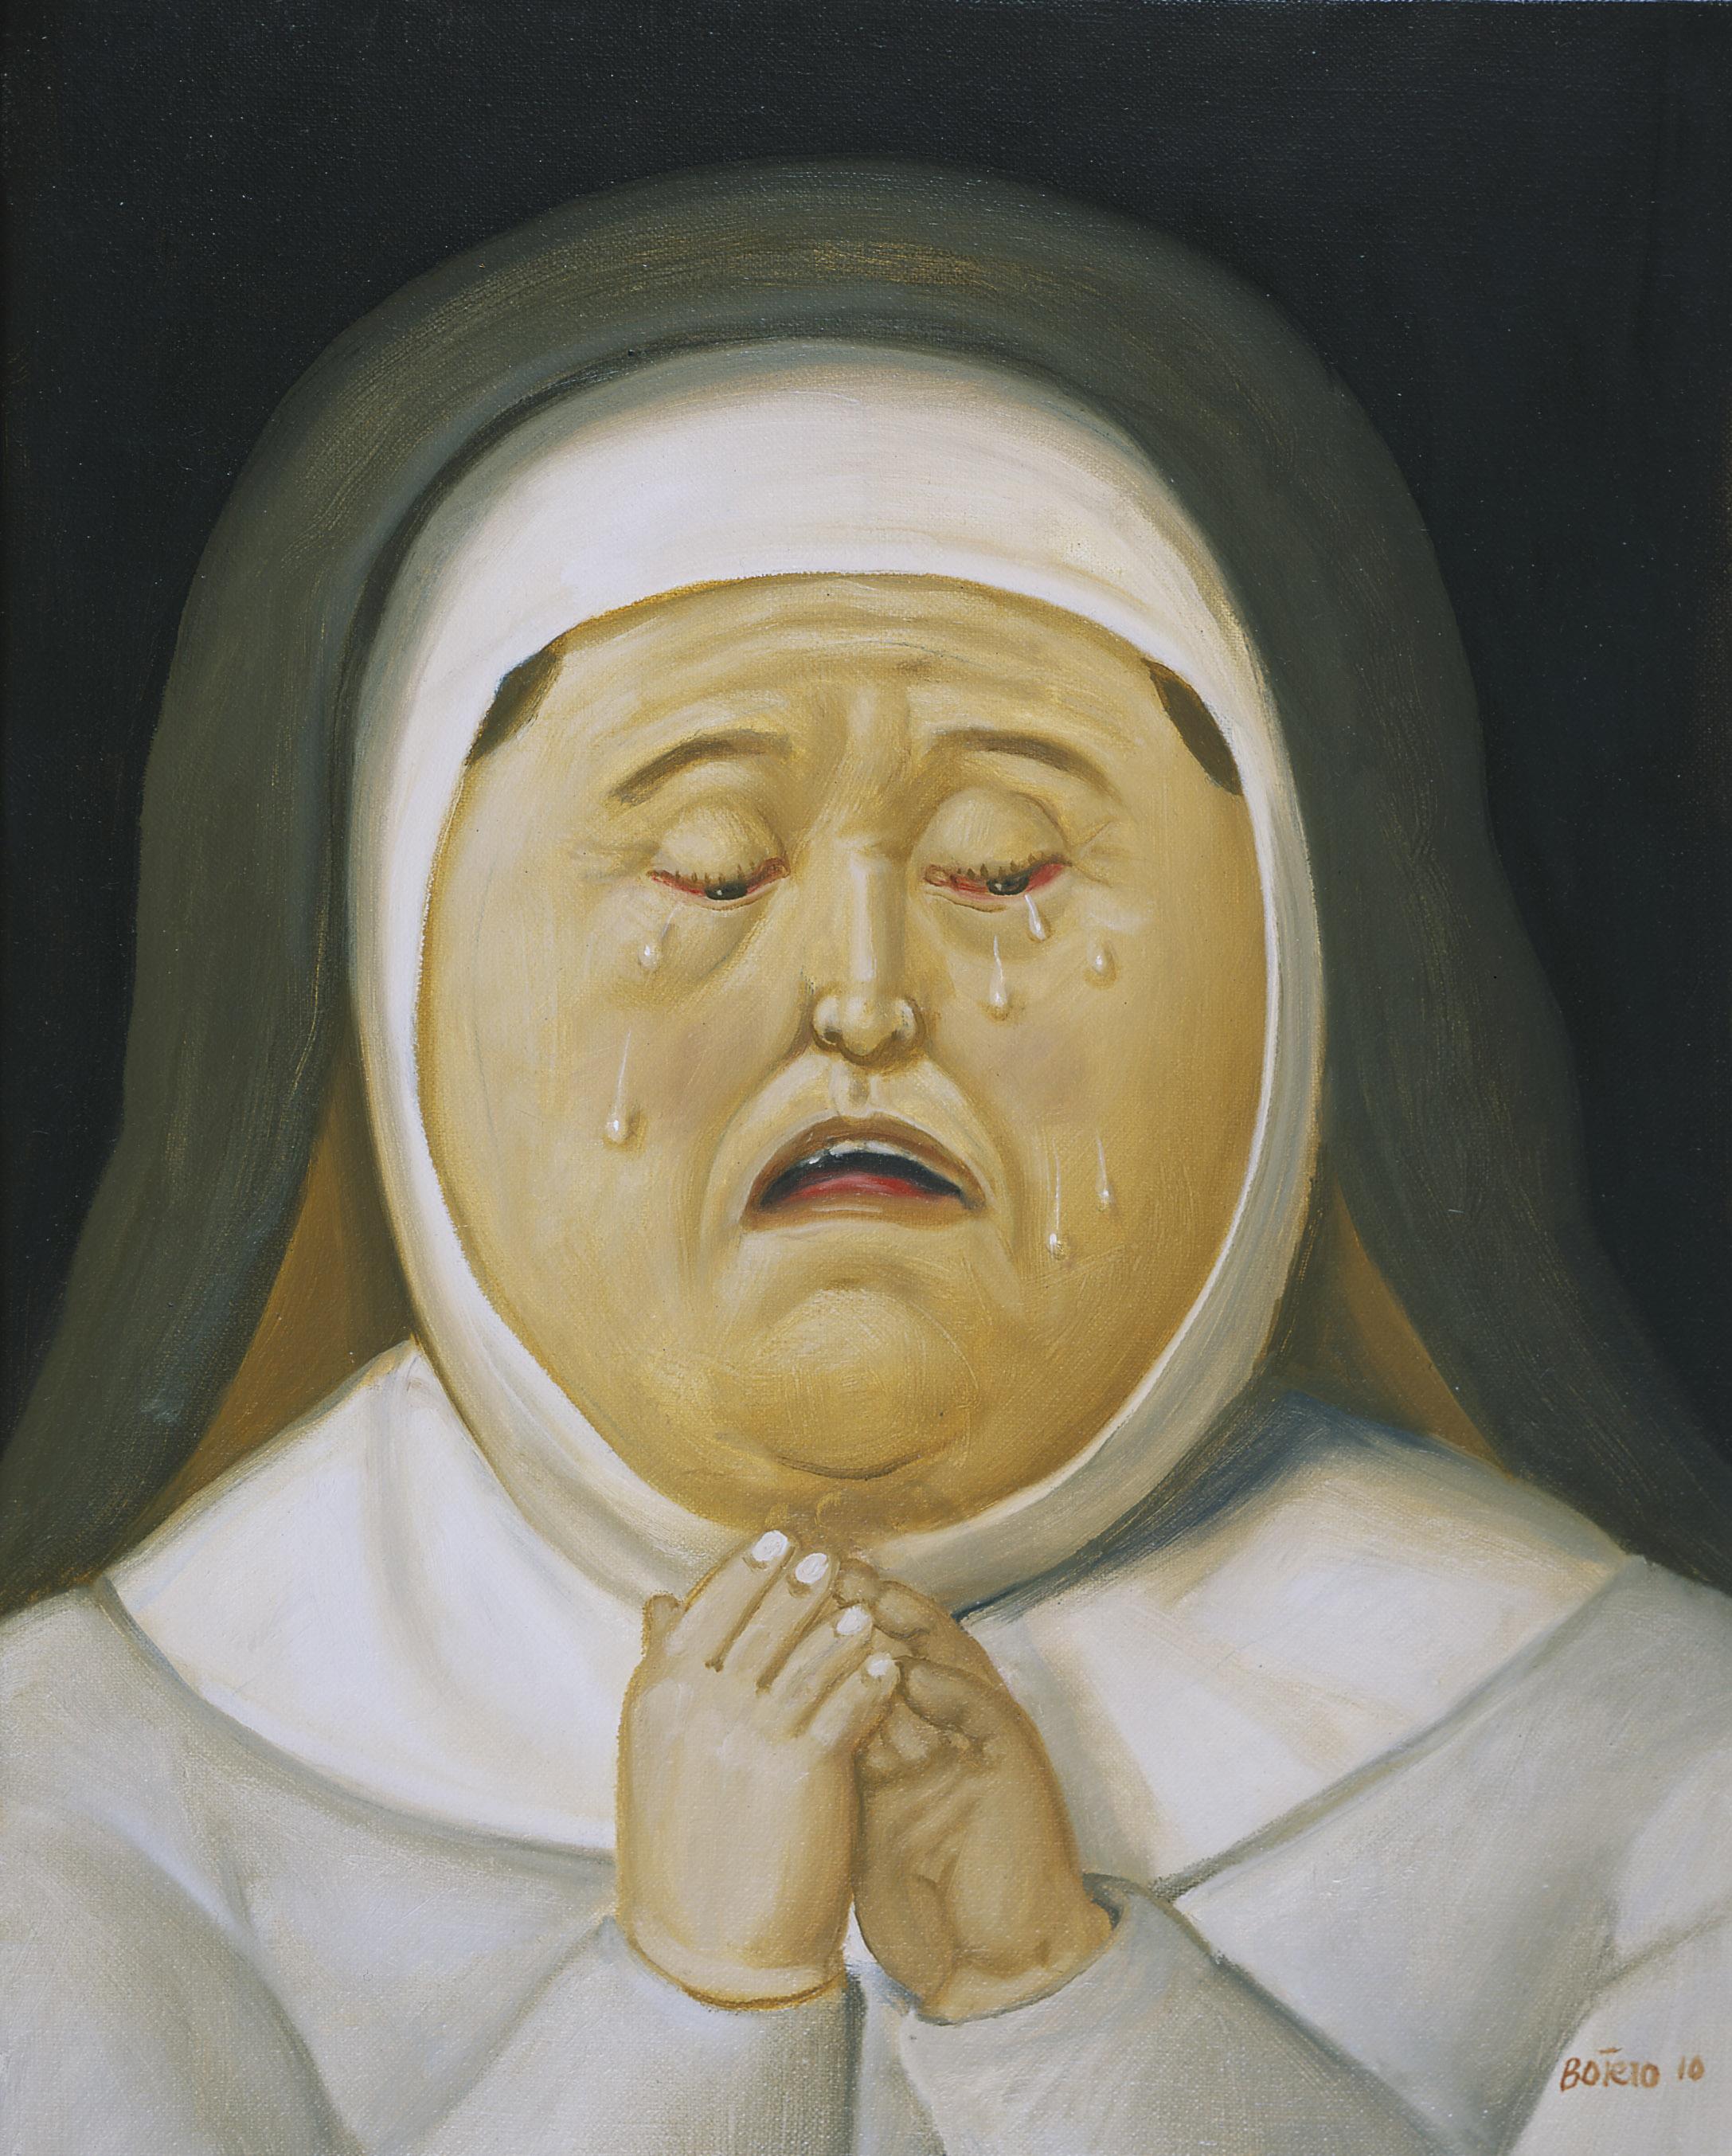 Madre de Cristo, 2010 Madre di Cristo Mother of Christ Olio su tela / Oil on canvas 45 x 36 cm Medellín, Museo de Antioquia